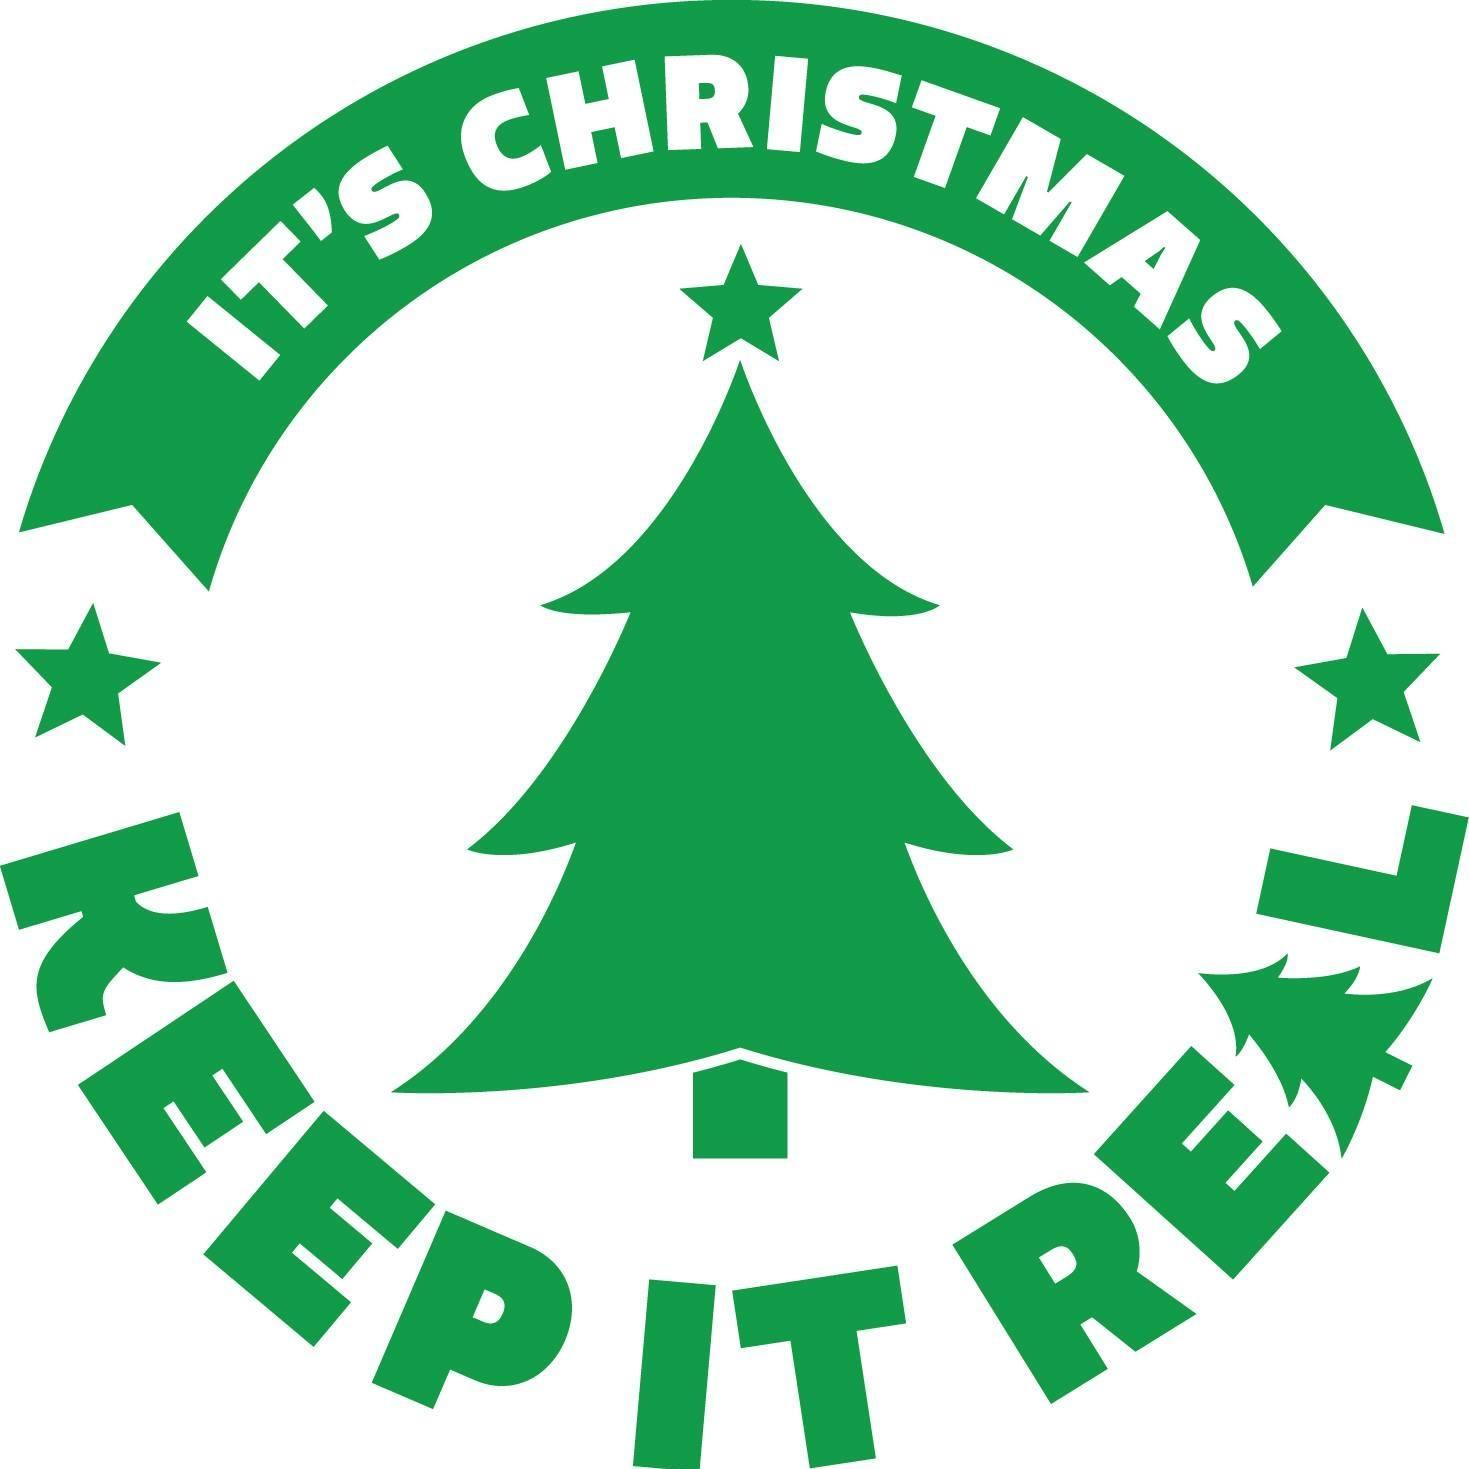 Lundins Christmas Tree Farm logo